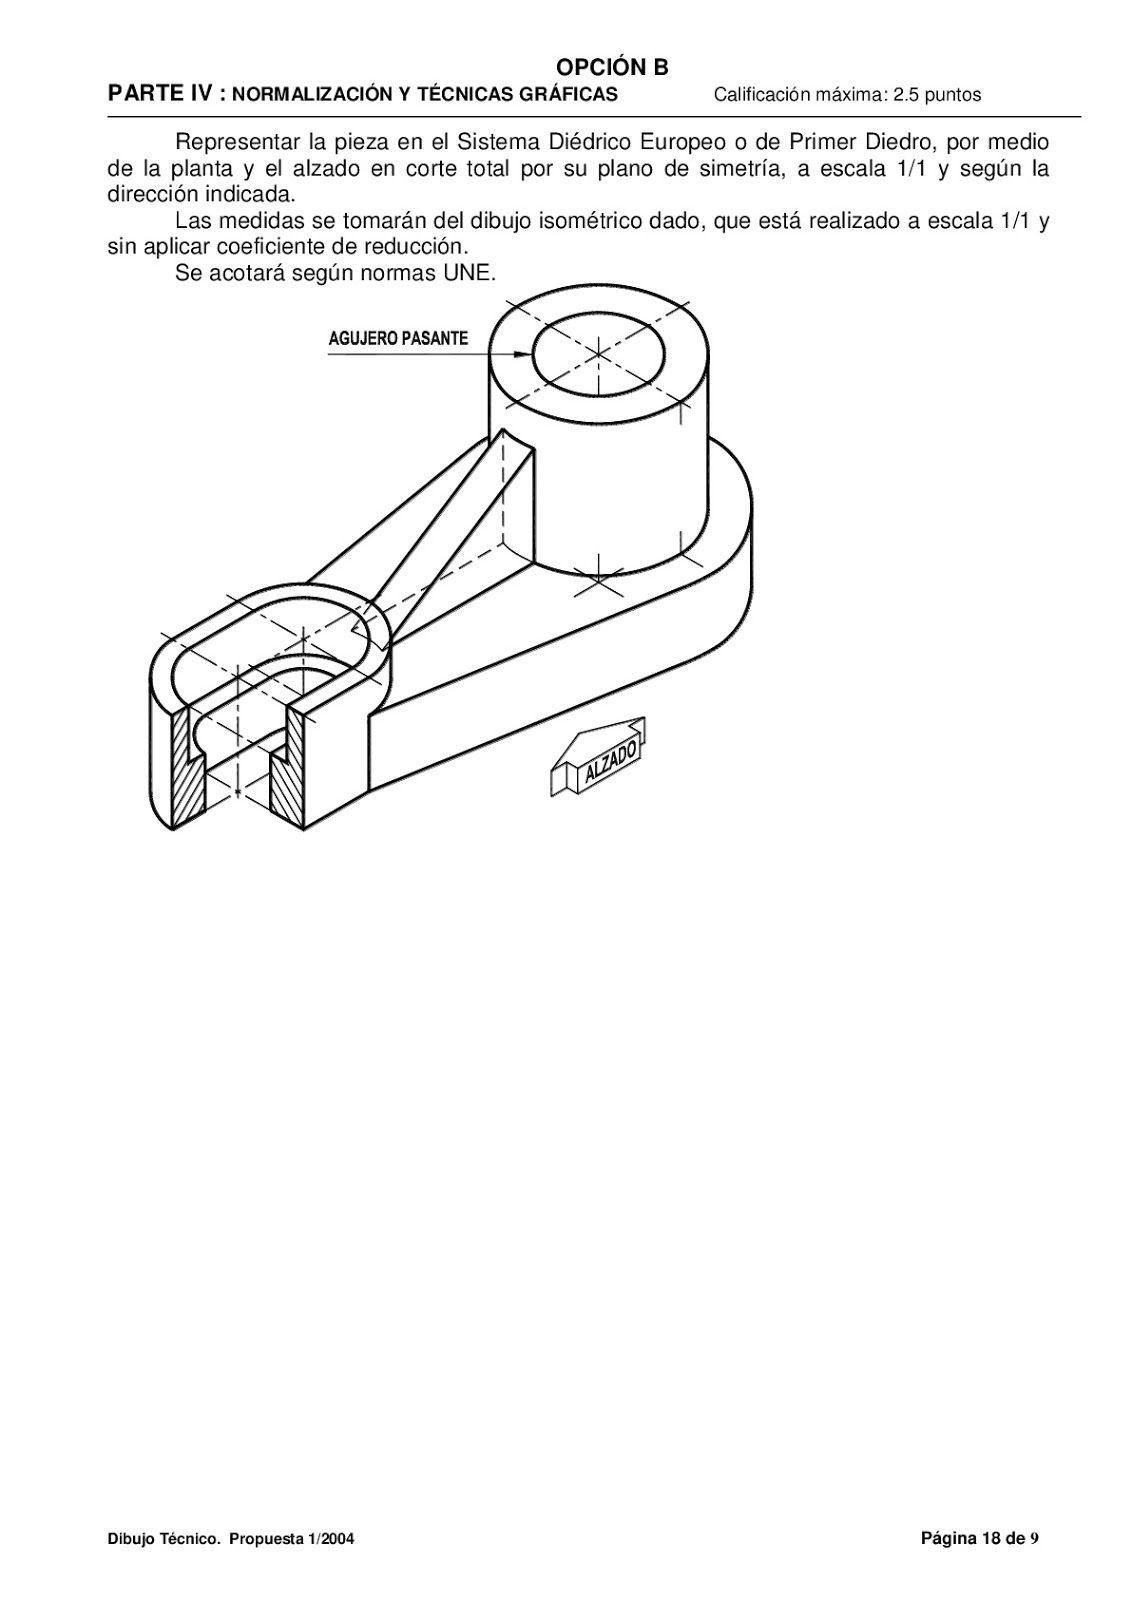 Examenes De Evaluacion Bachillerato Dibujo Tecnico Para El Acceso A La Universidad E Tecnicas De Dibujo Dibujo Tecnico Bachillerato Dibujo Tecnico Ejercicios